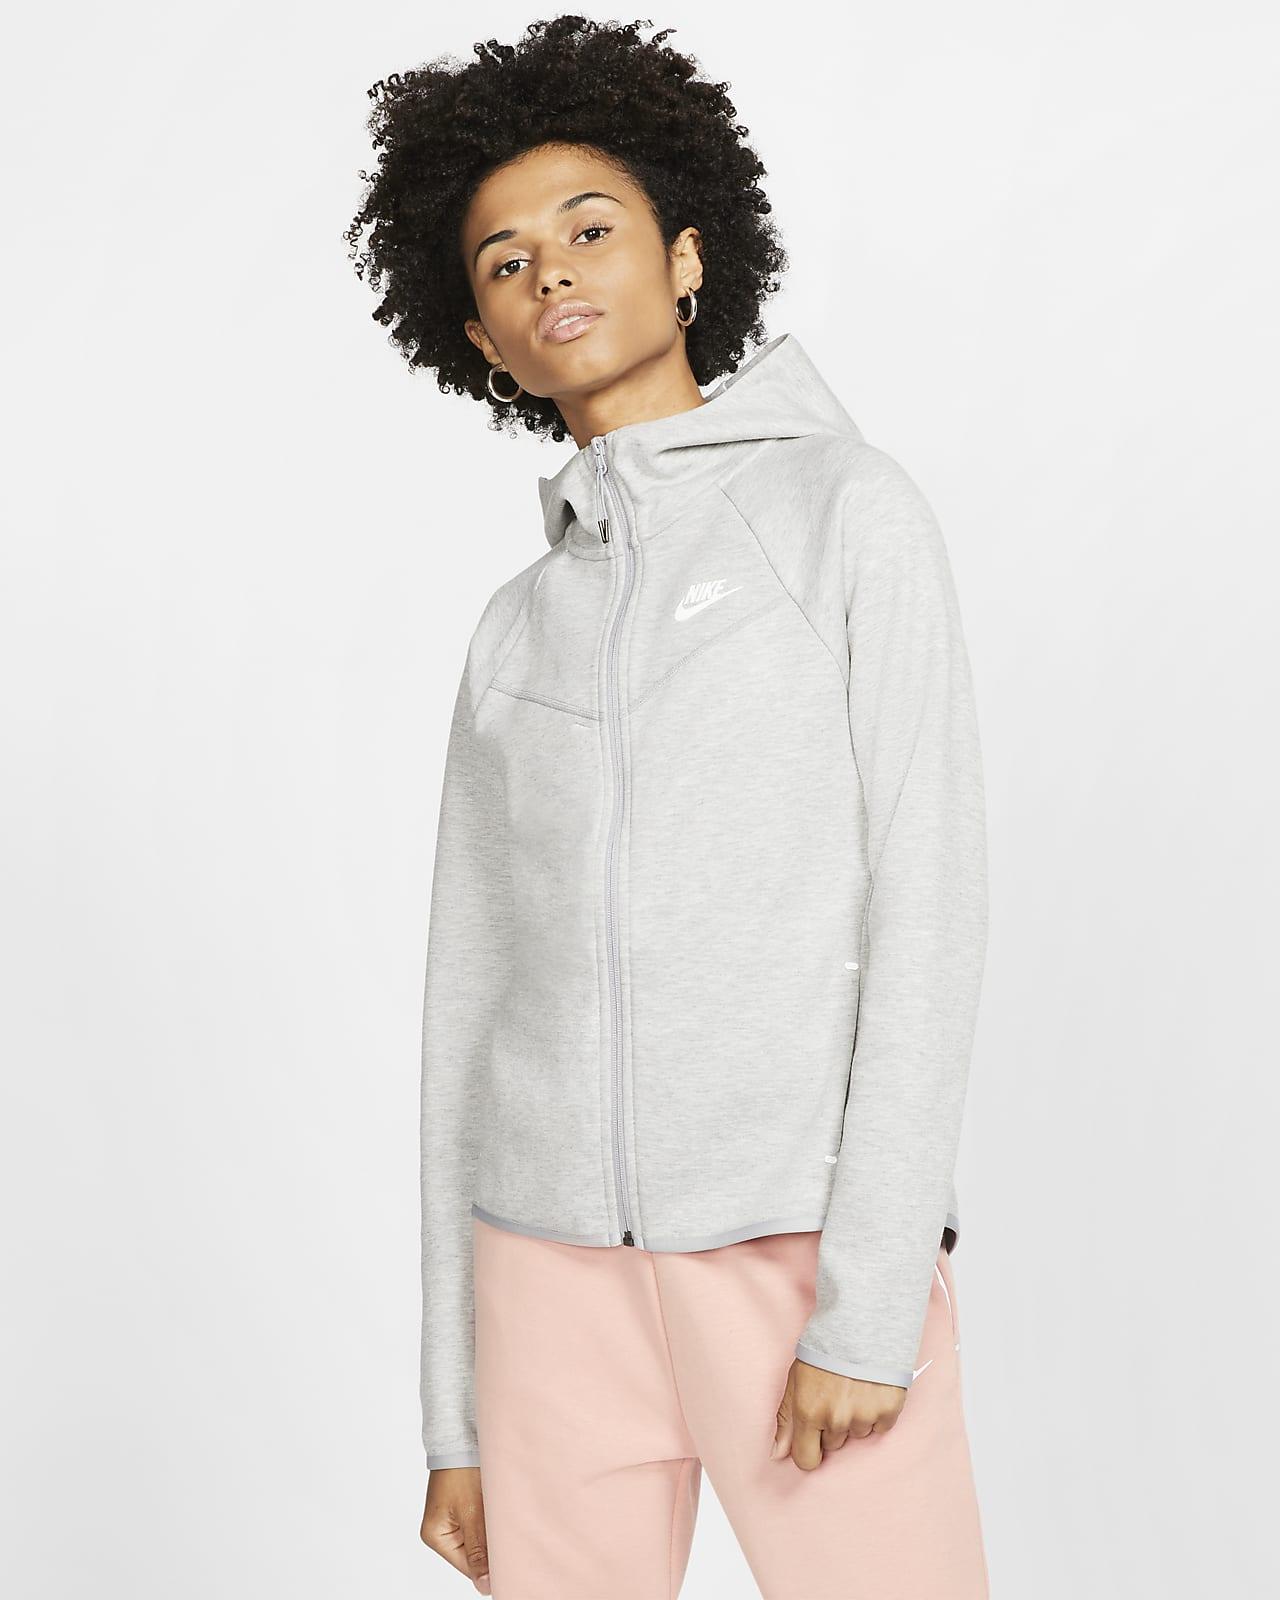 Nike Sportswear Windrunner Tech Fleece 女款全長式拉鍊連帽上衣